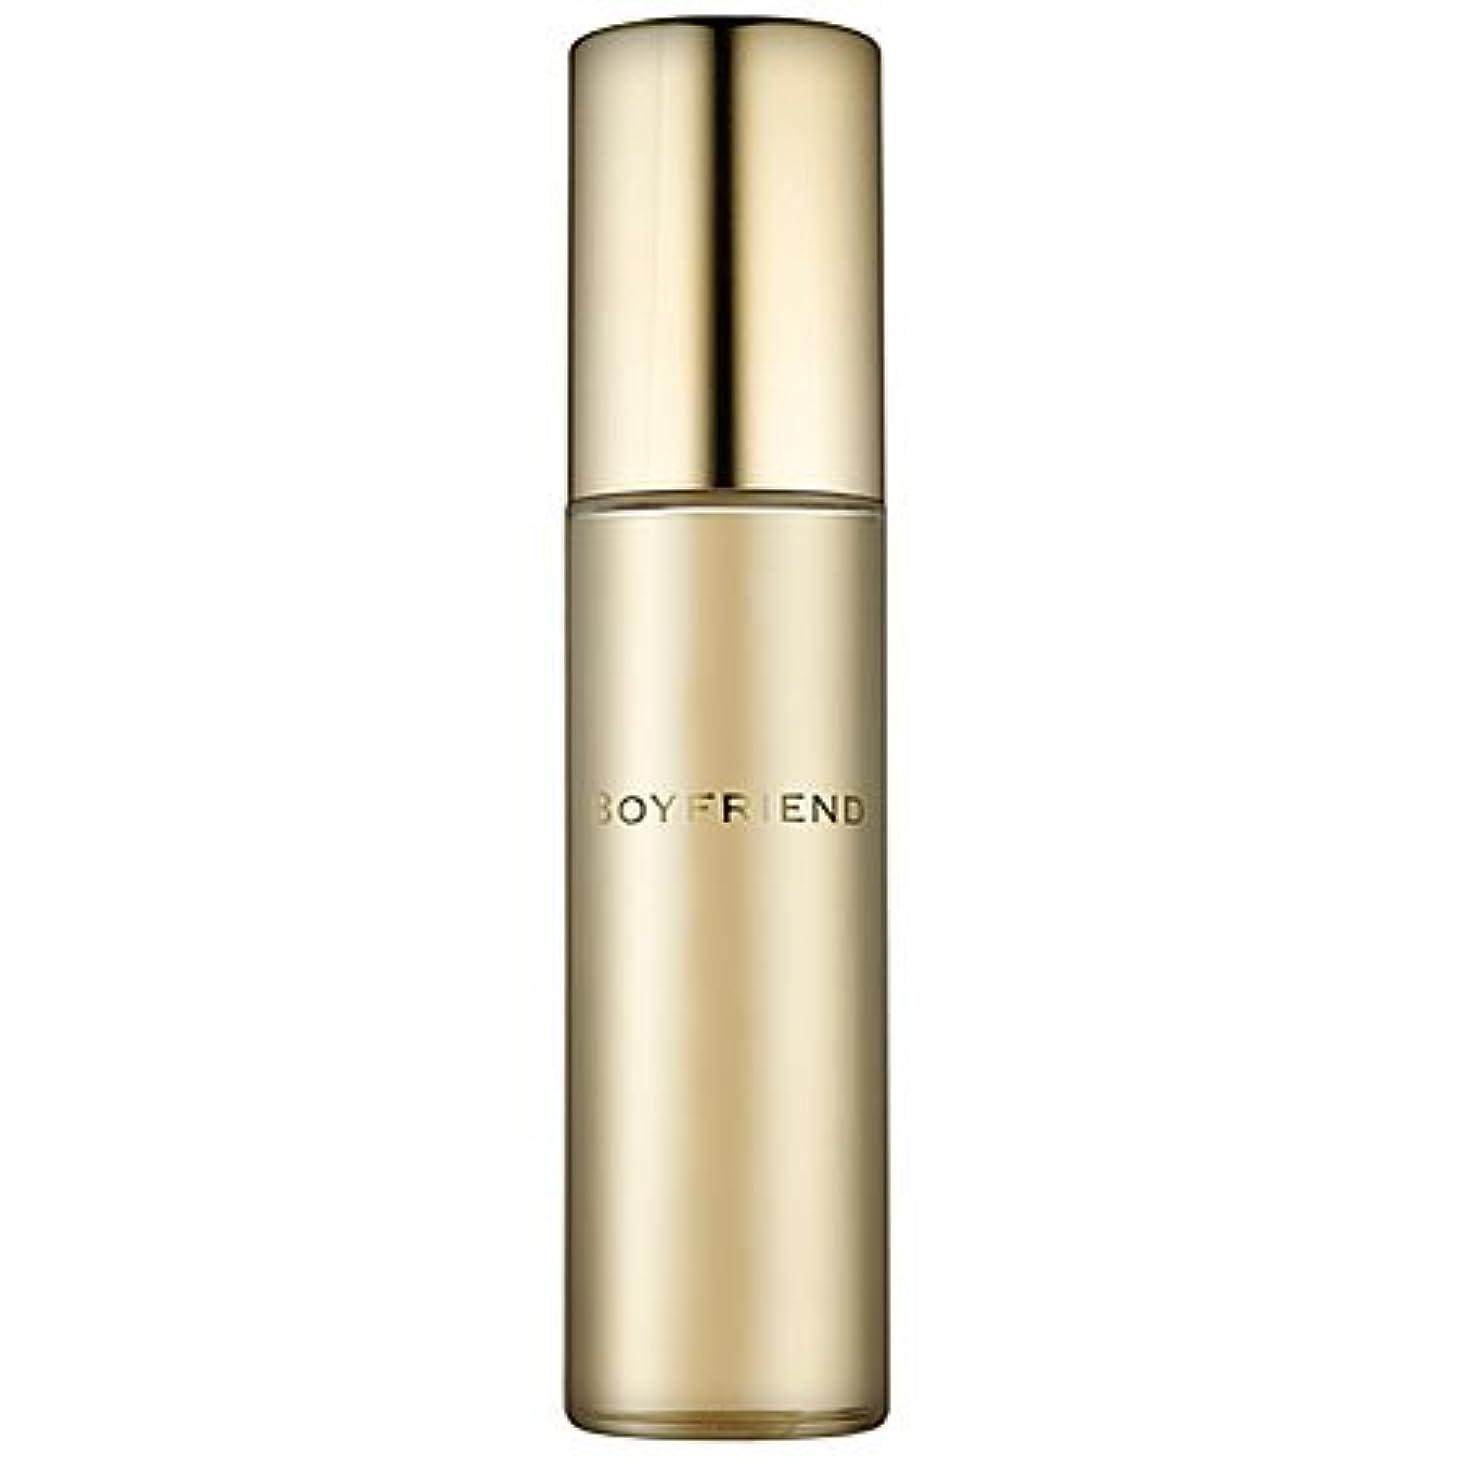 有害リフトハントBoyfriend (ボーイフレンド) 3.38 oz (100ml) Dry Body Oil Spray by Kate Walsh for Women